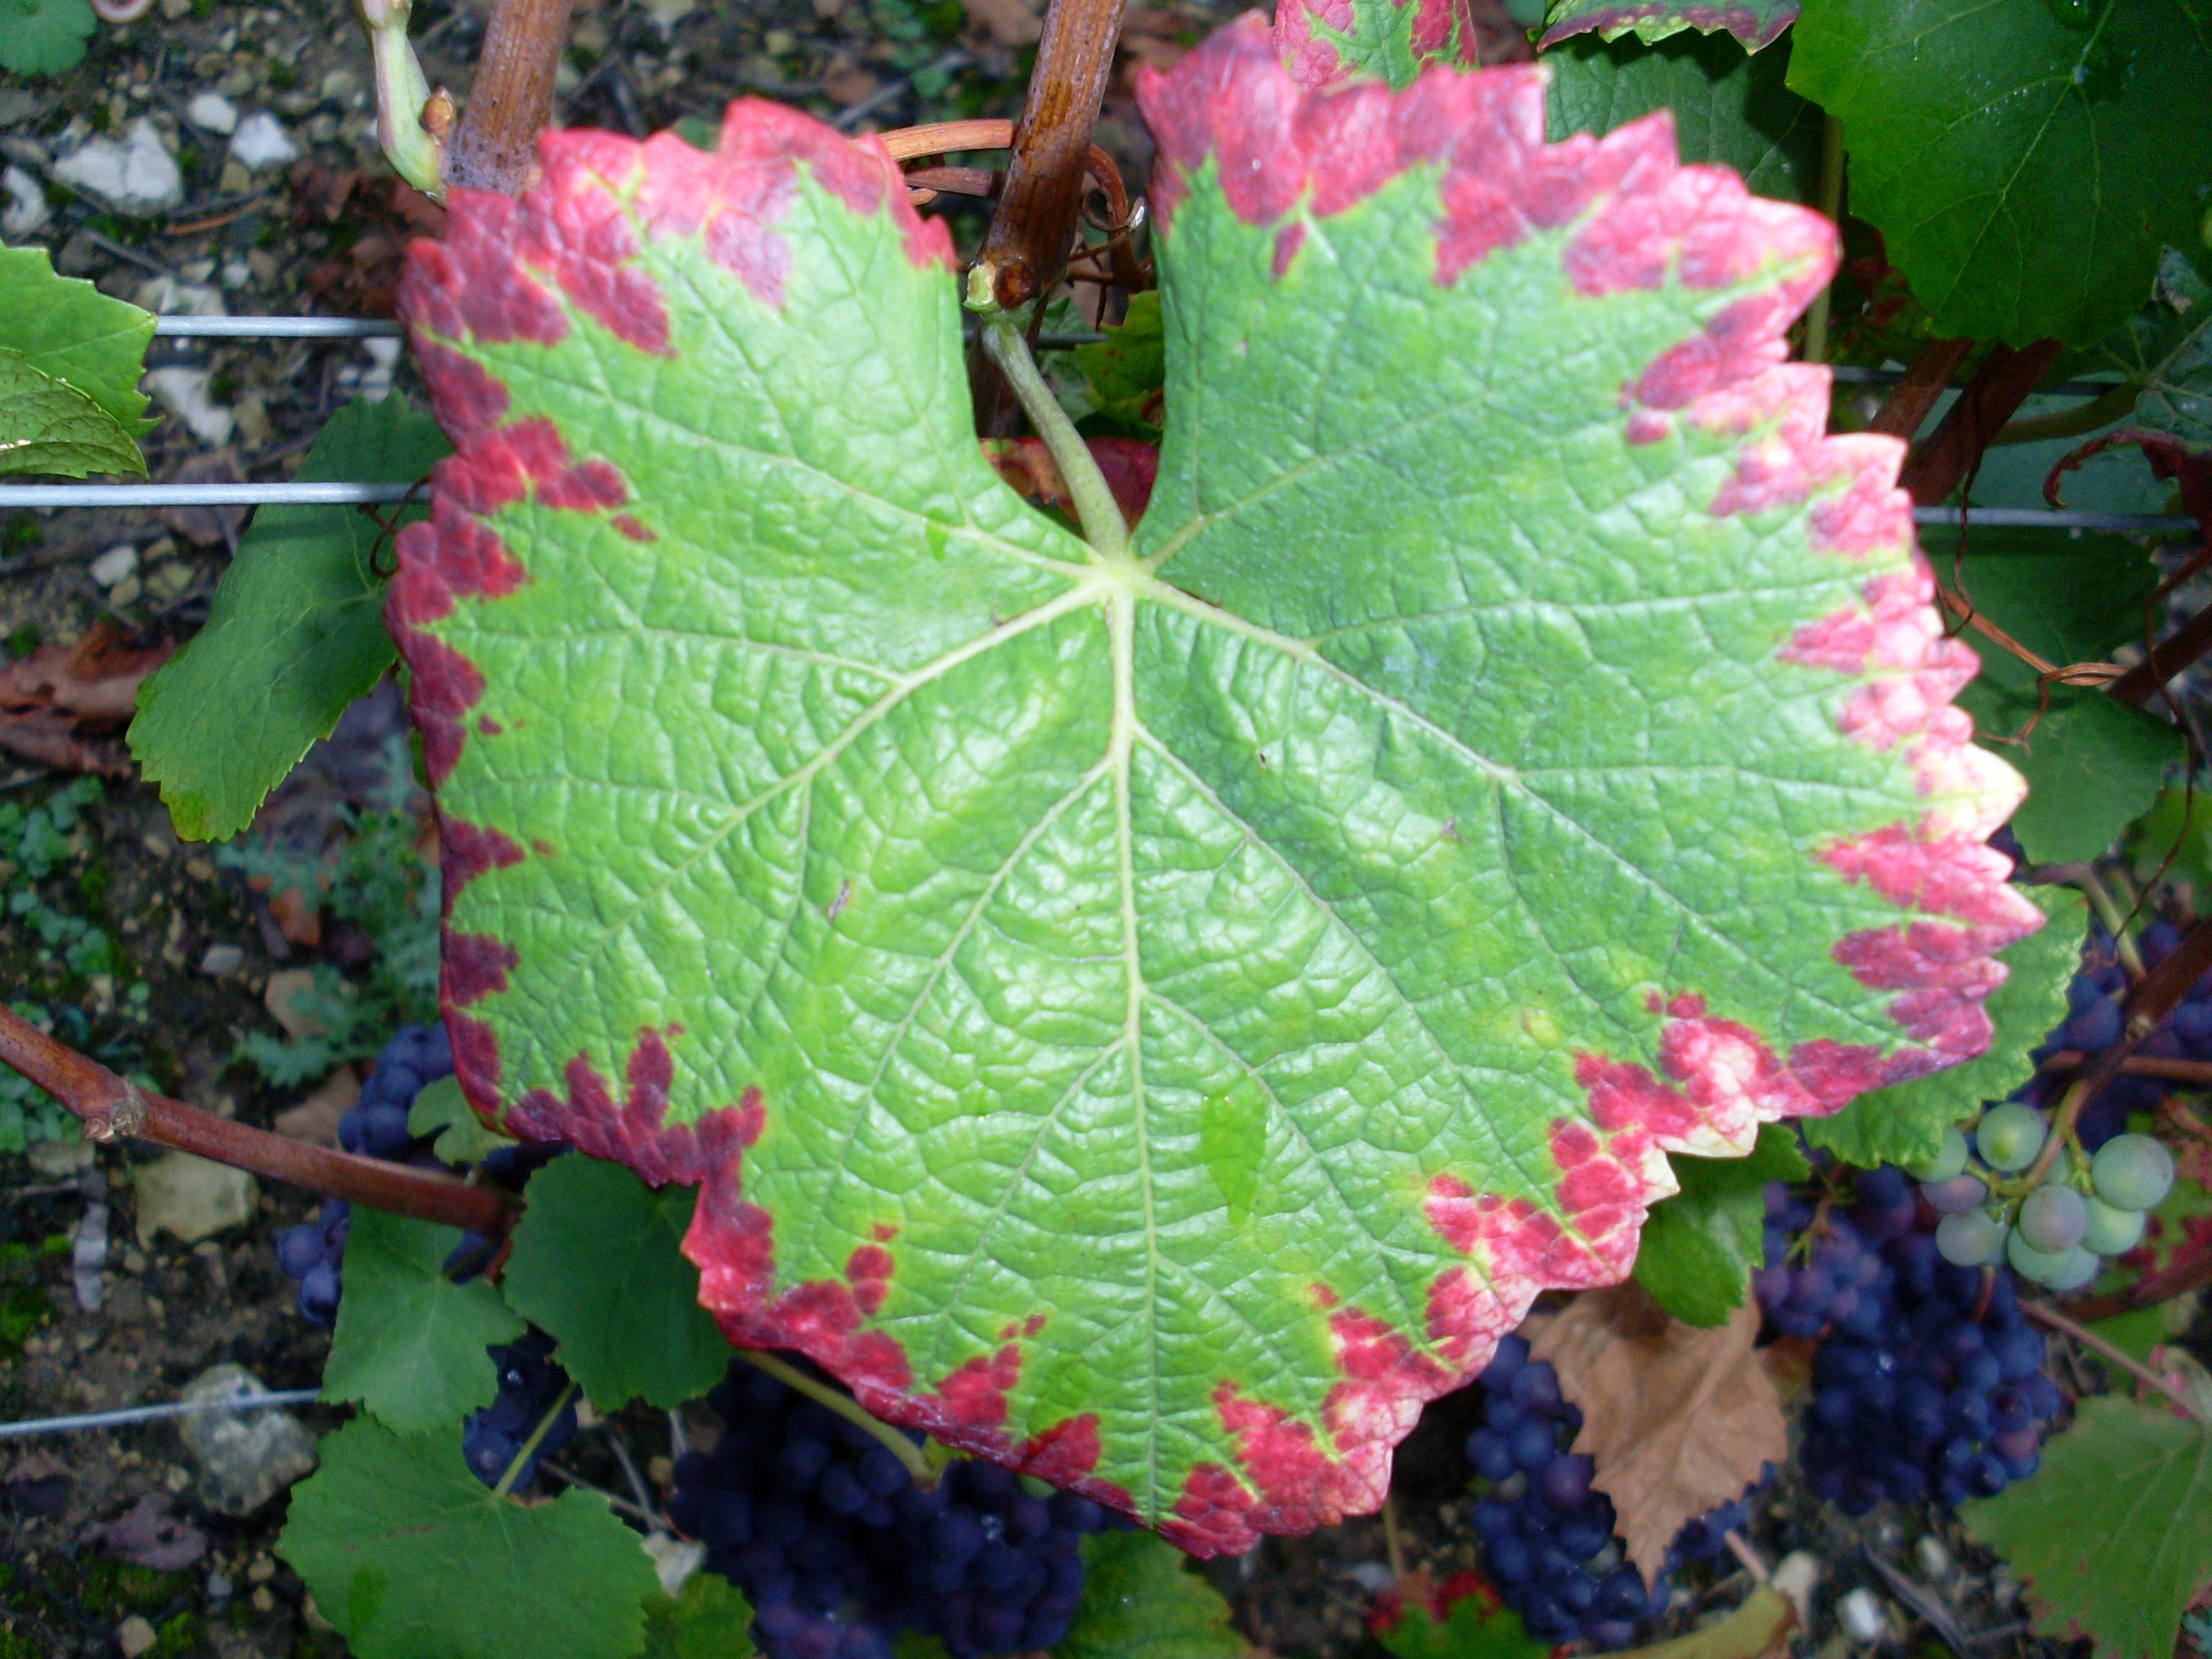 File:Grape leaf showing nutrient deficiency jpg - Wikimedia